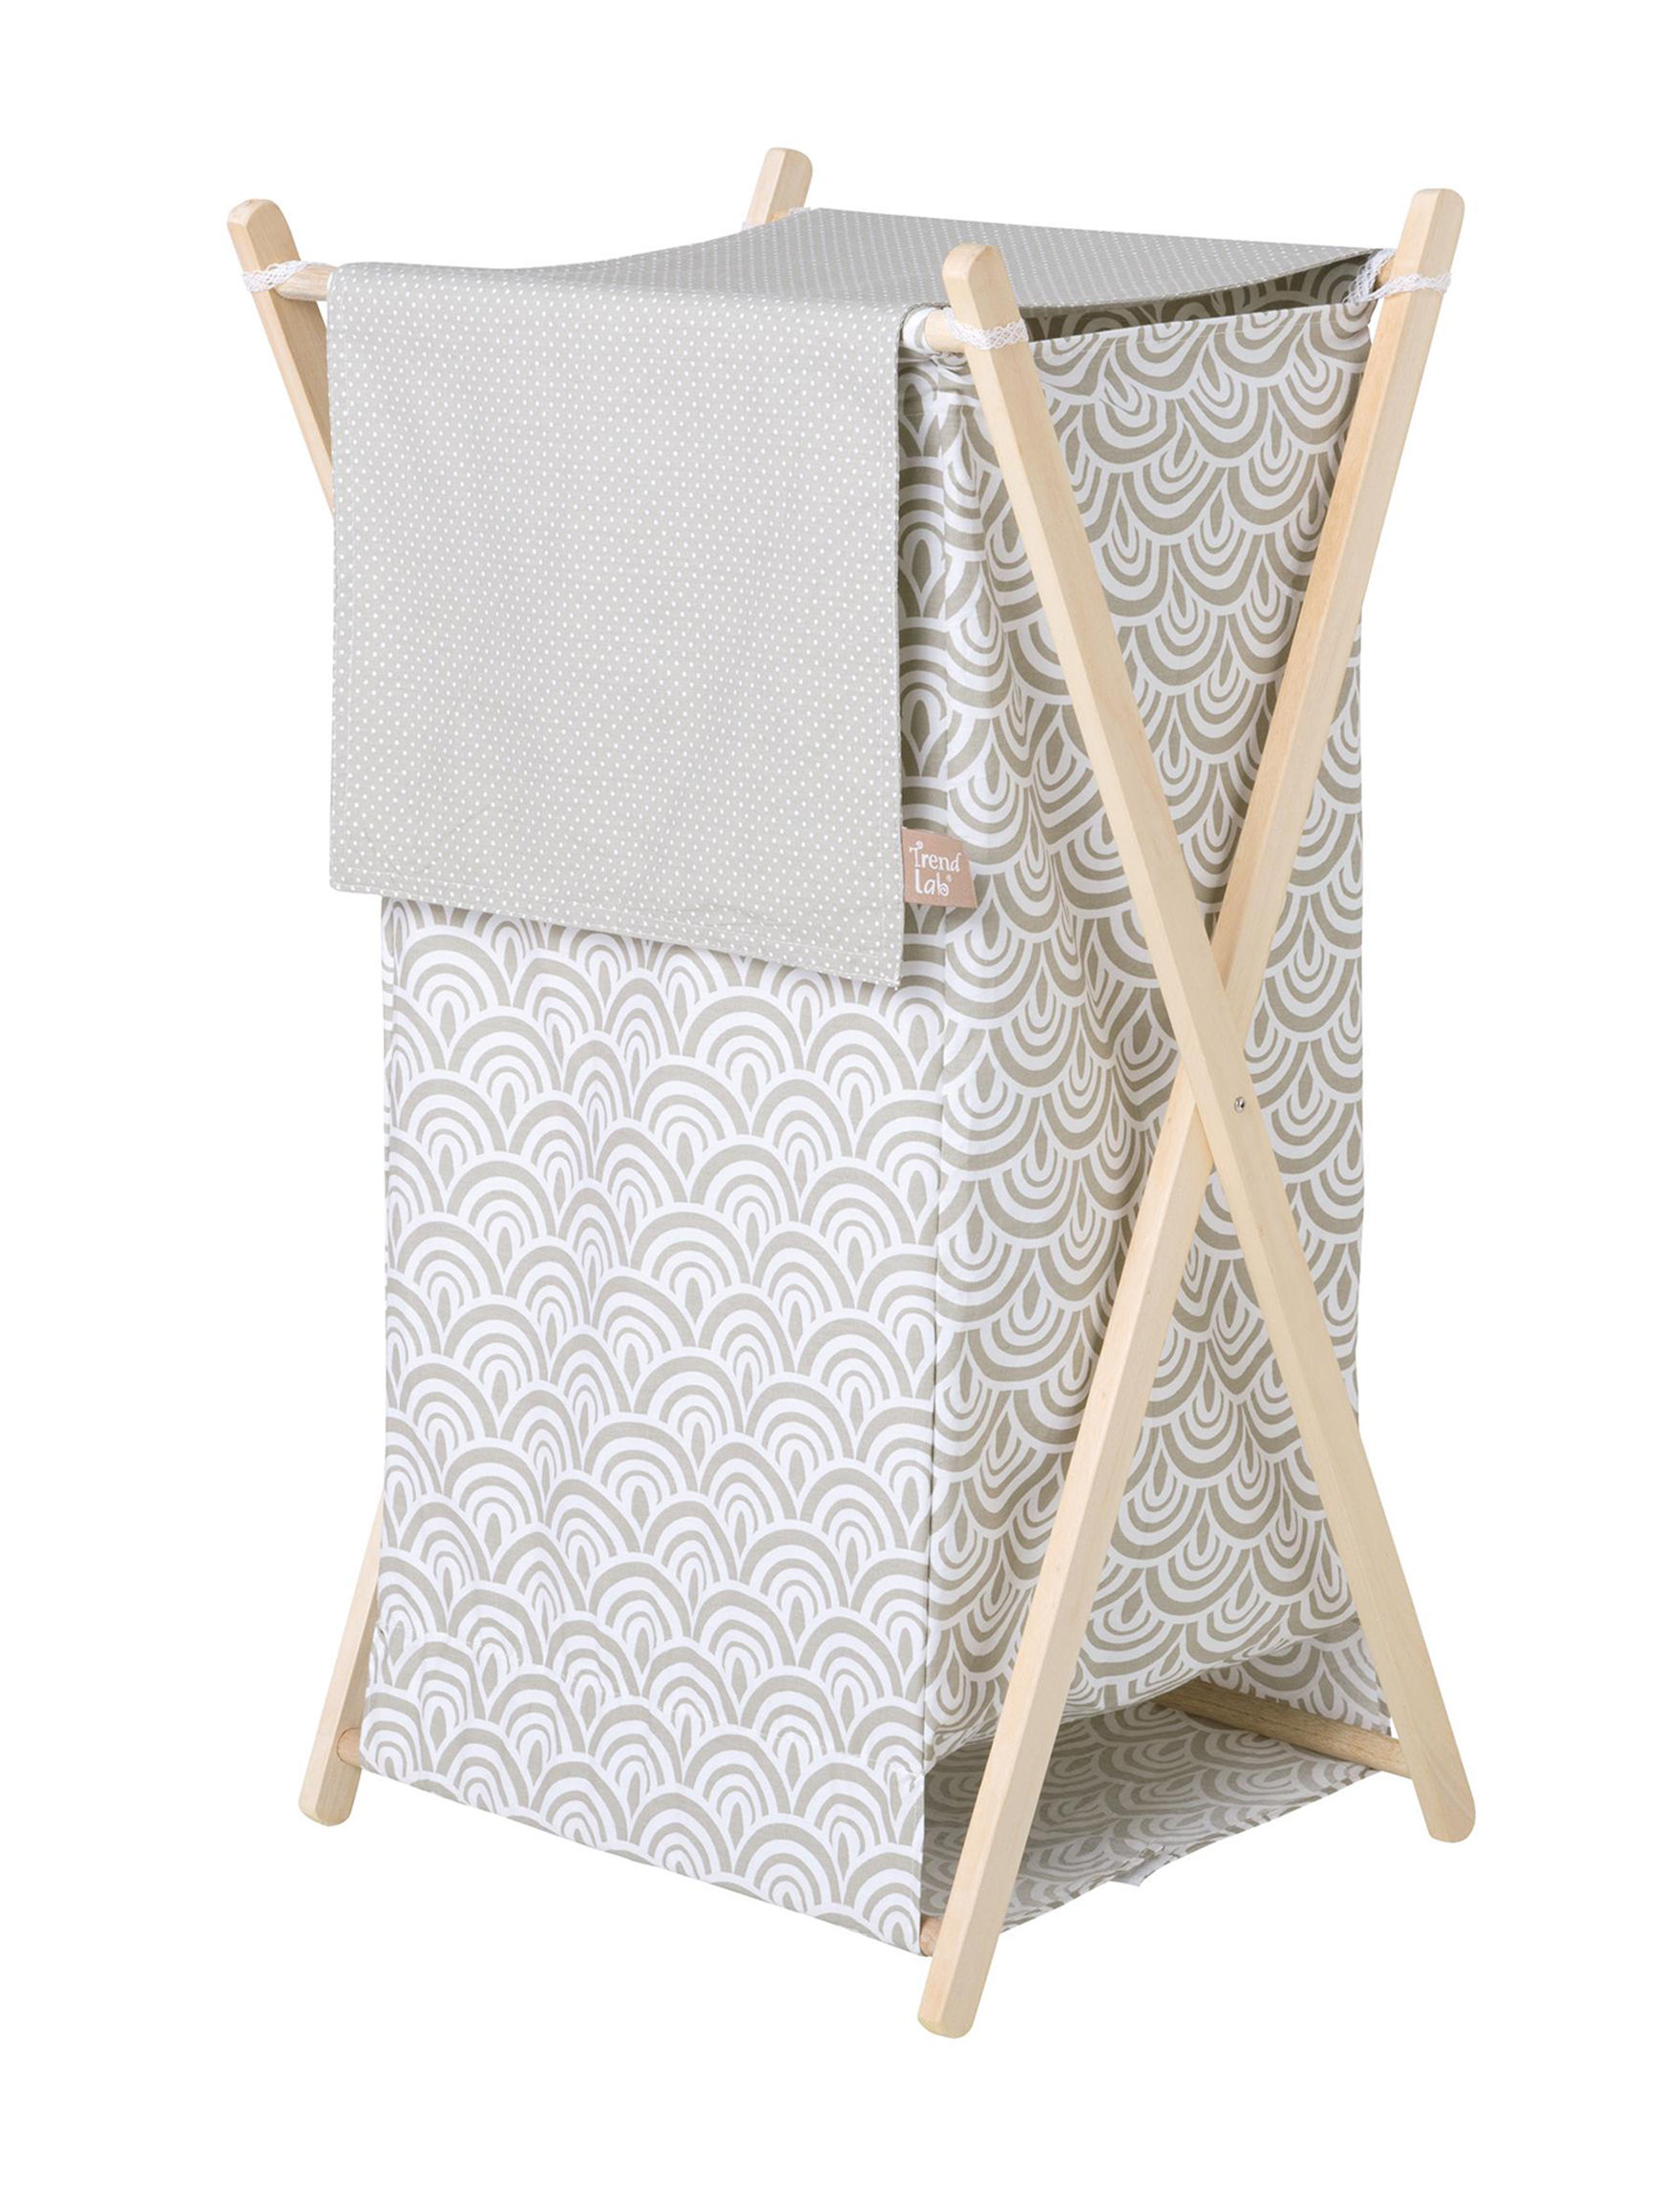 Trend Lab Grey / White Baskets Storage & Organization